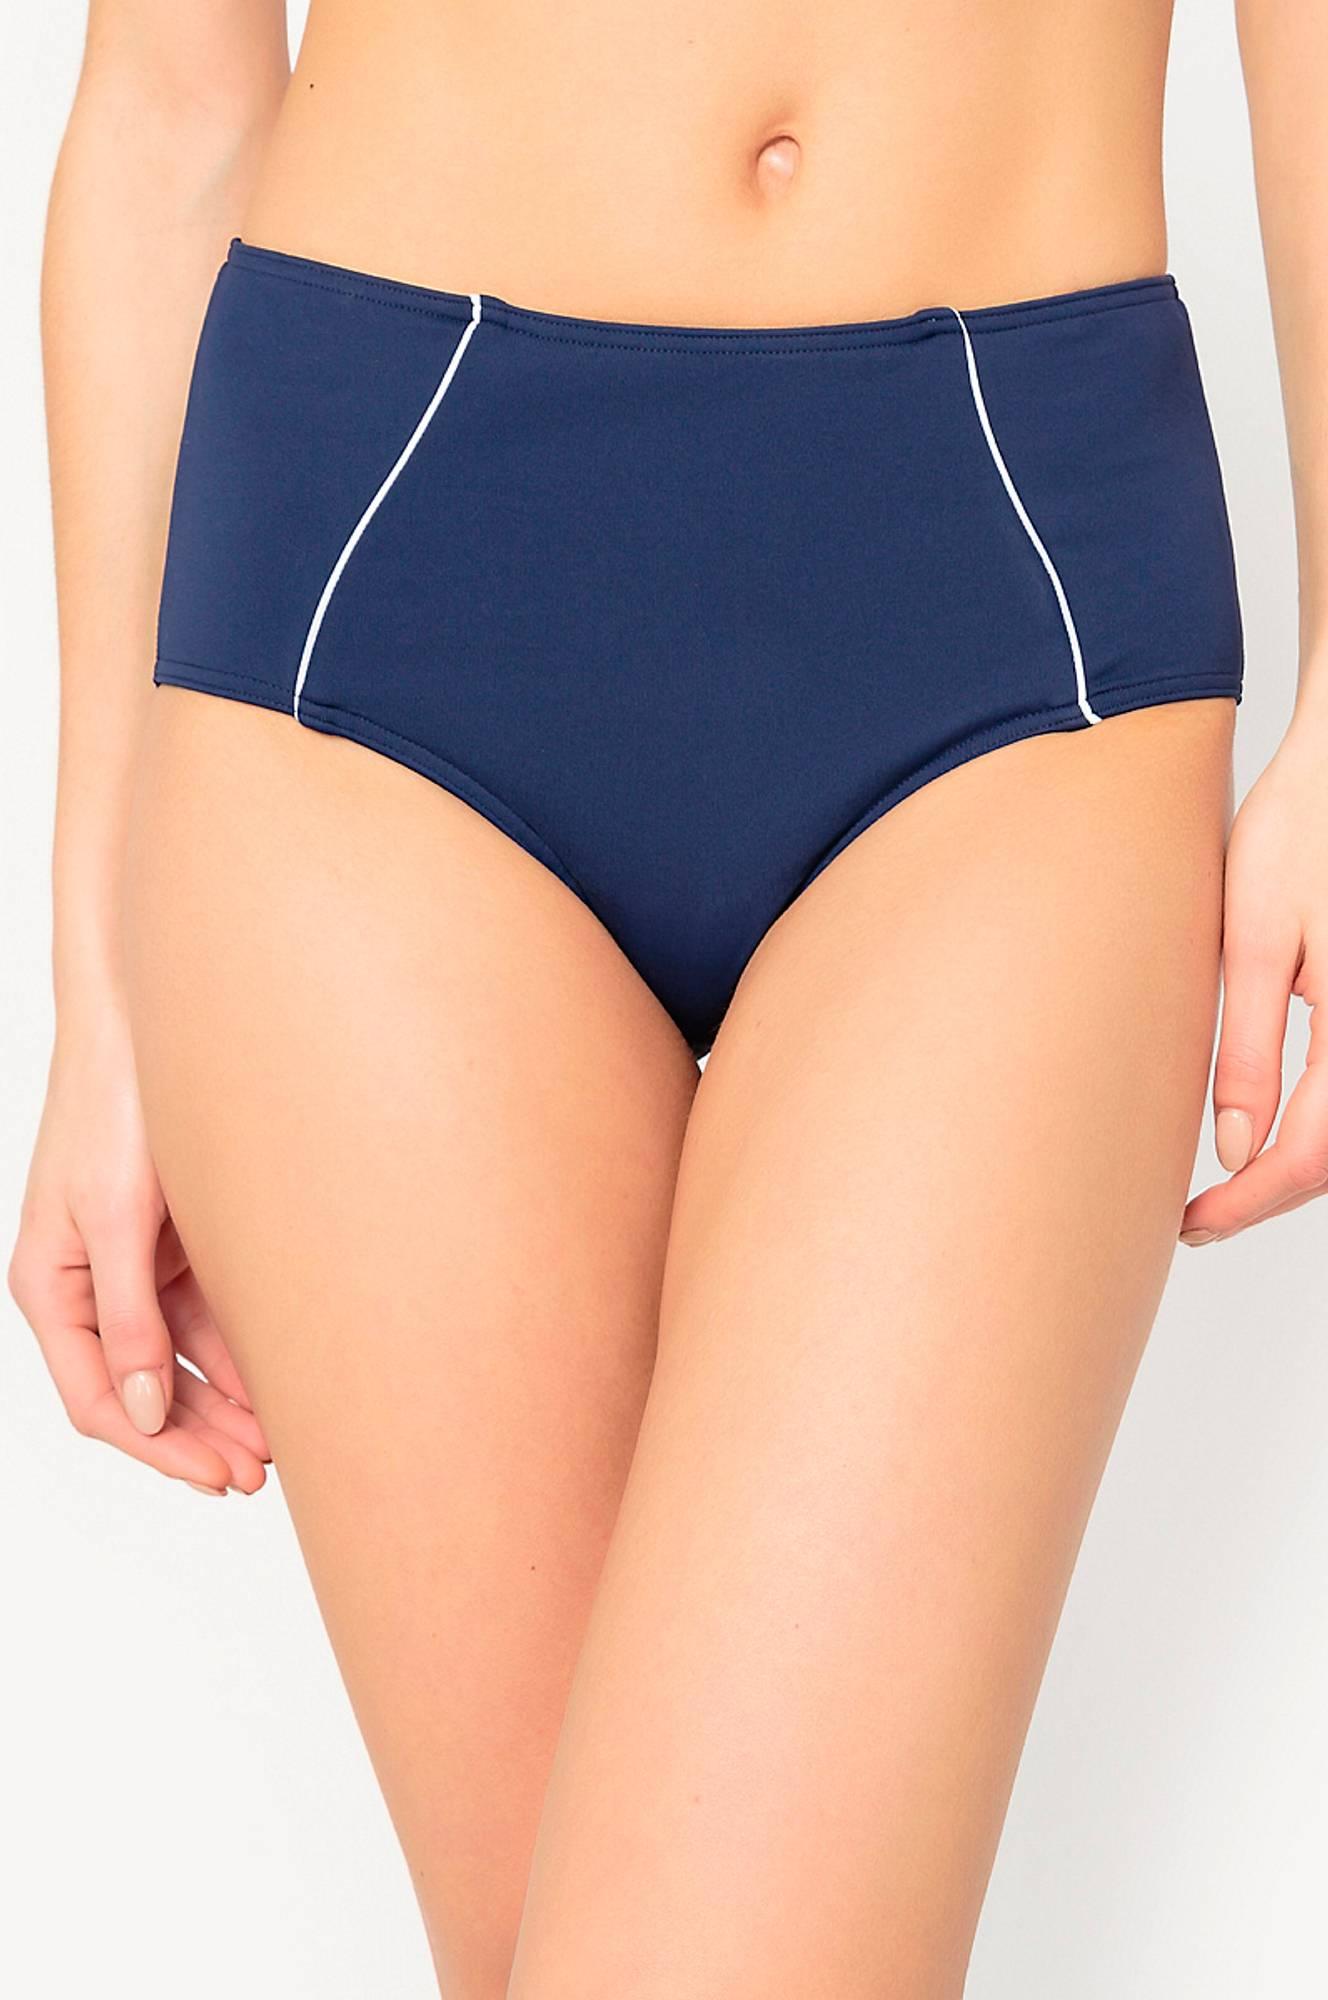 Kaksiväriset, muotoilevat bikinihousut